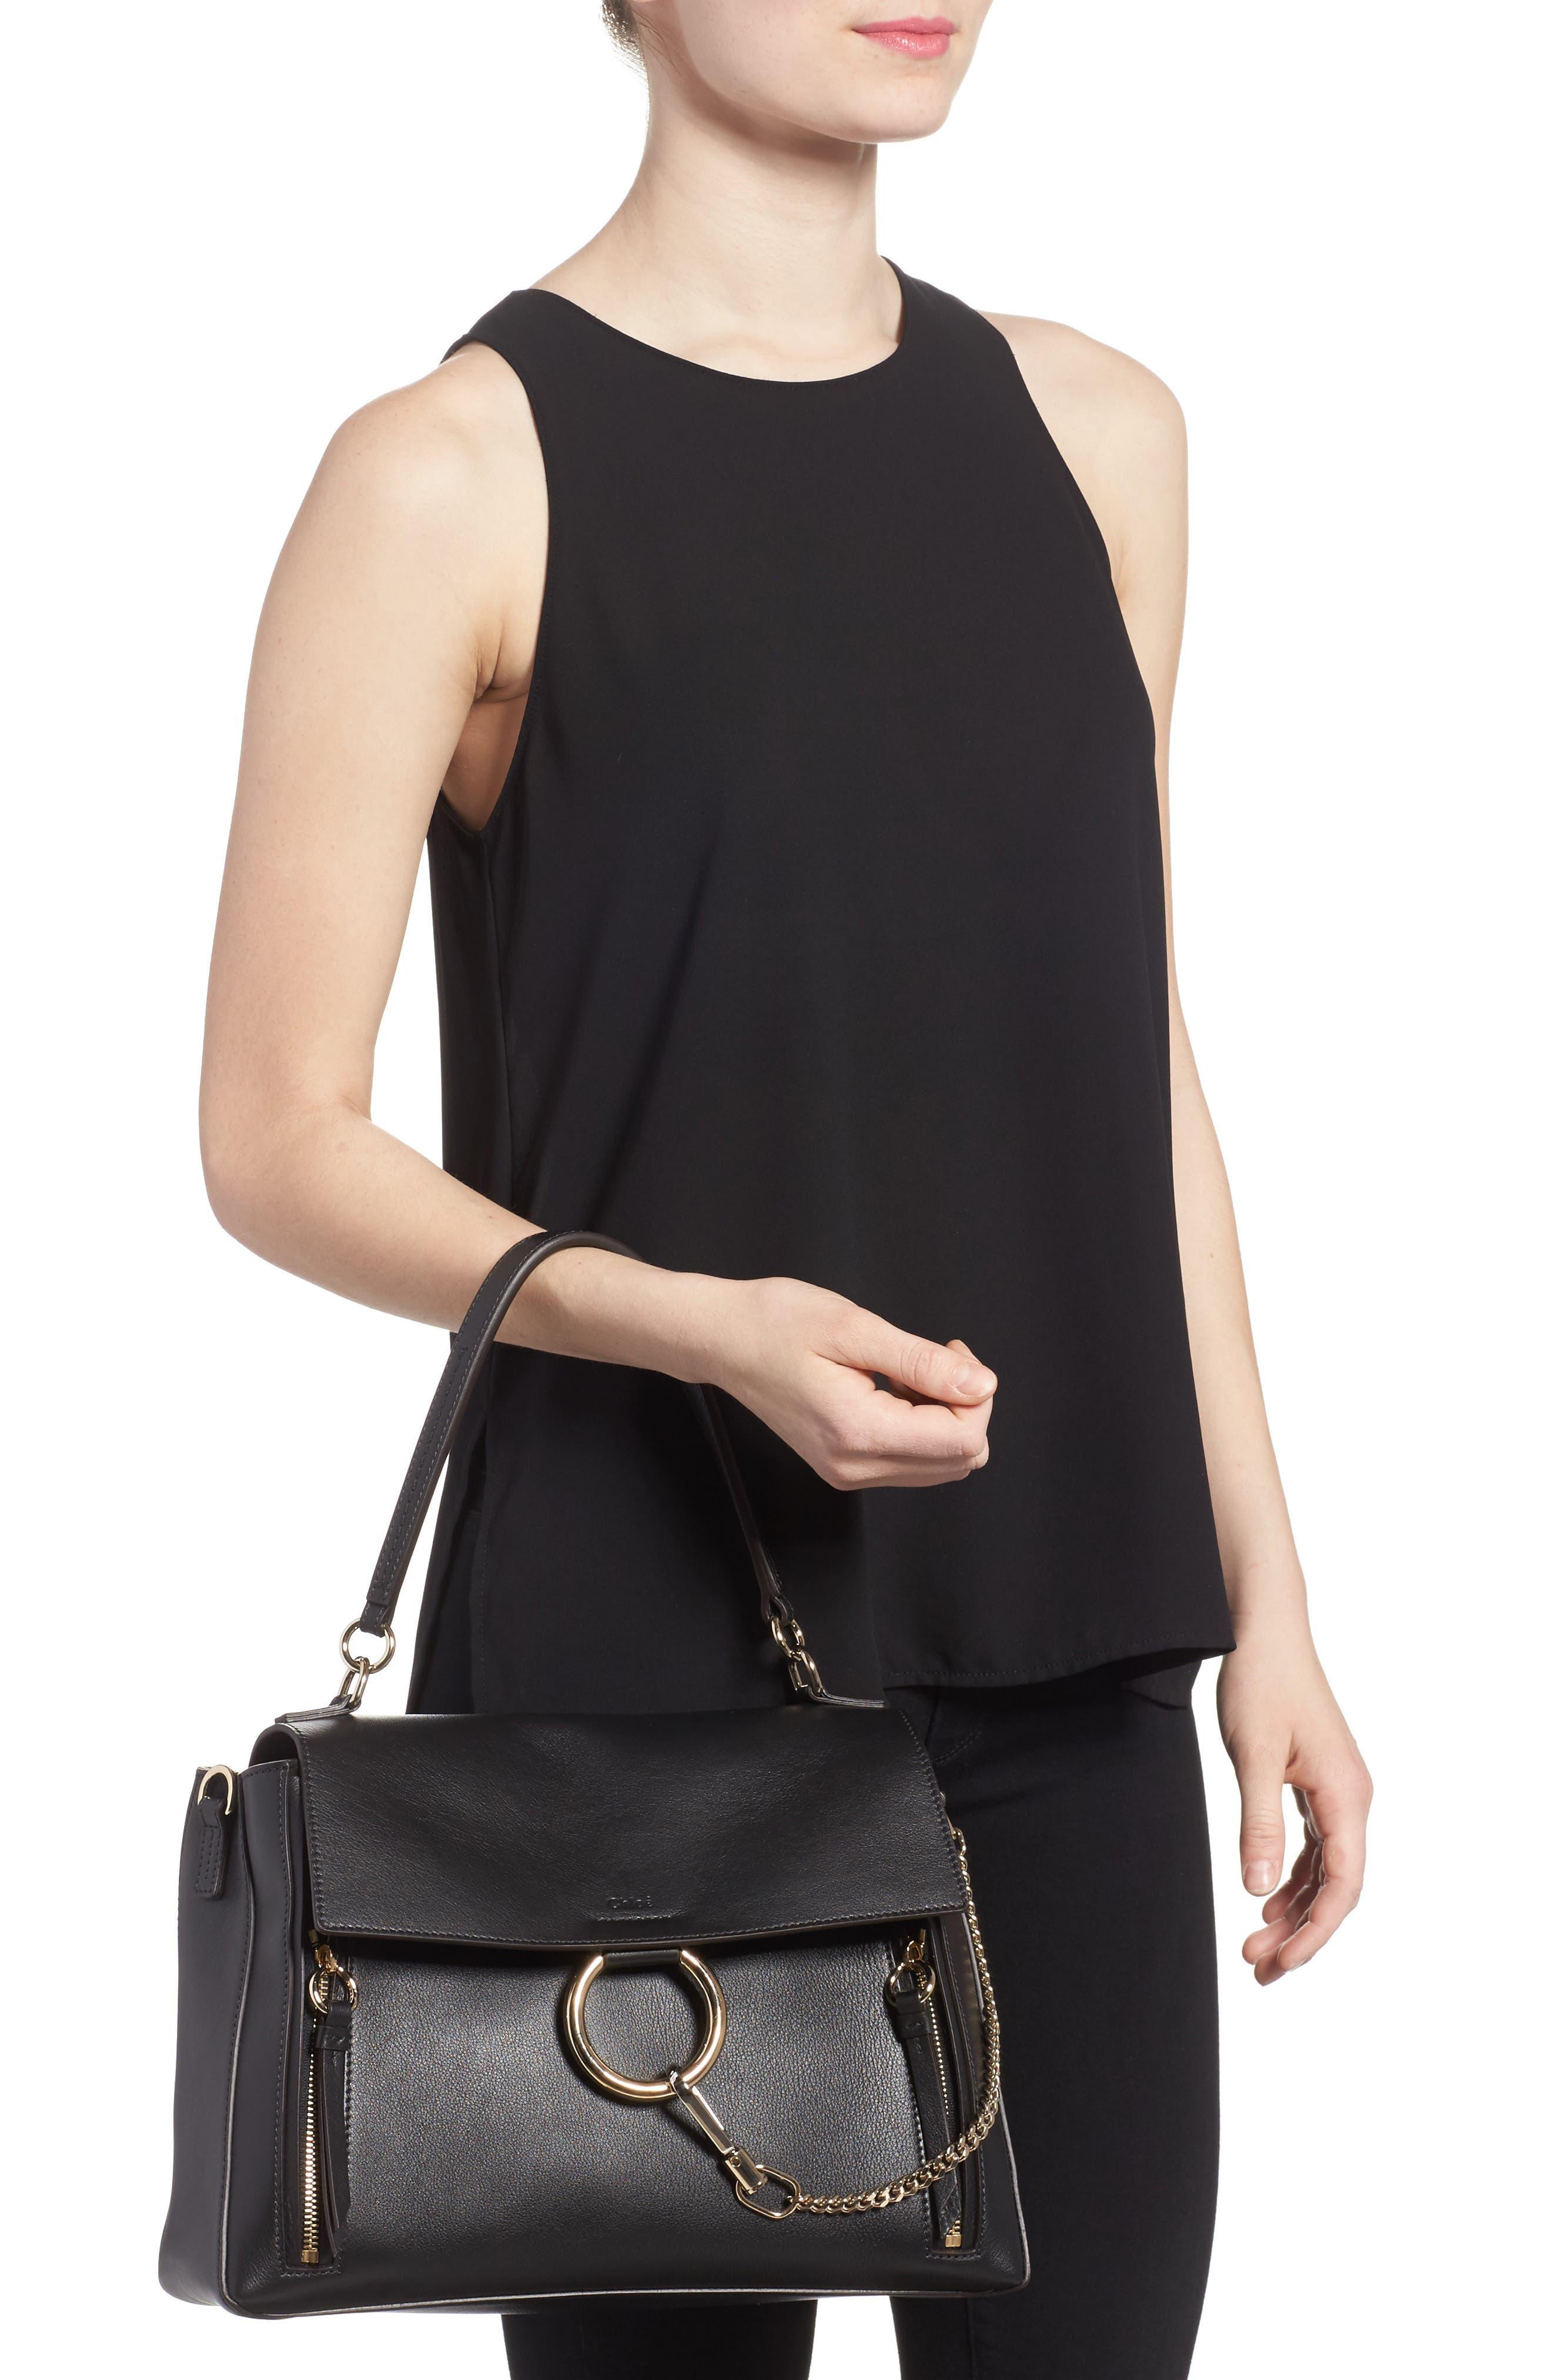 Medium Faye Leather Shoulder Bag,                             Alternate thumbnail 2, color,                             BLACK